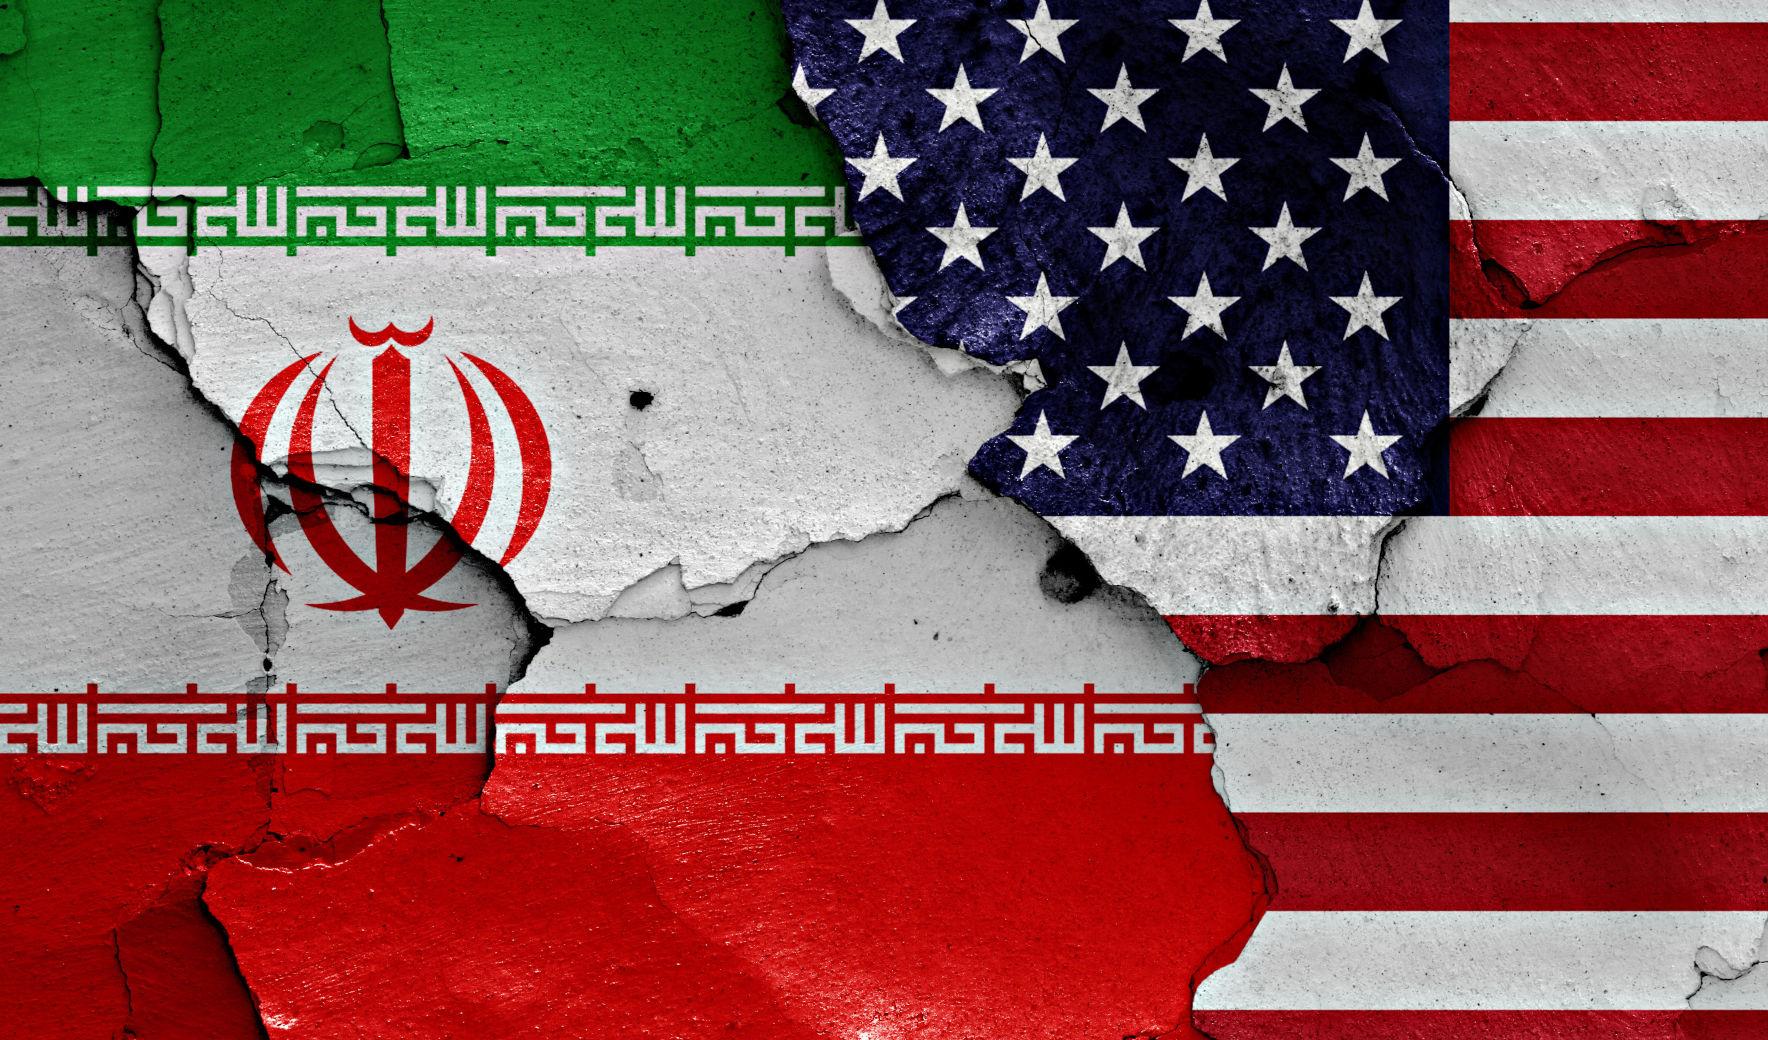 گزارش اندیشکده آمریکایی درباره احتمال درگیری ایران و آمریکا